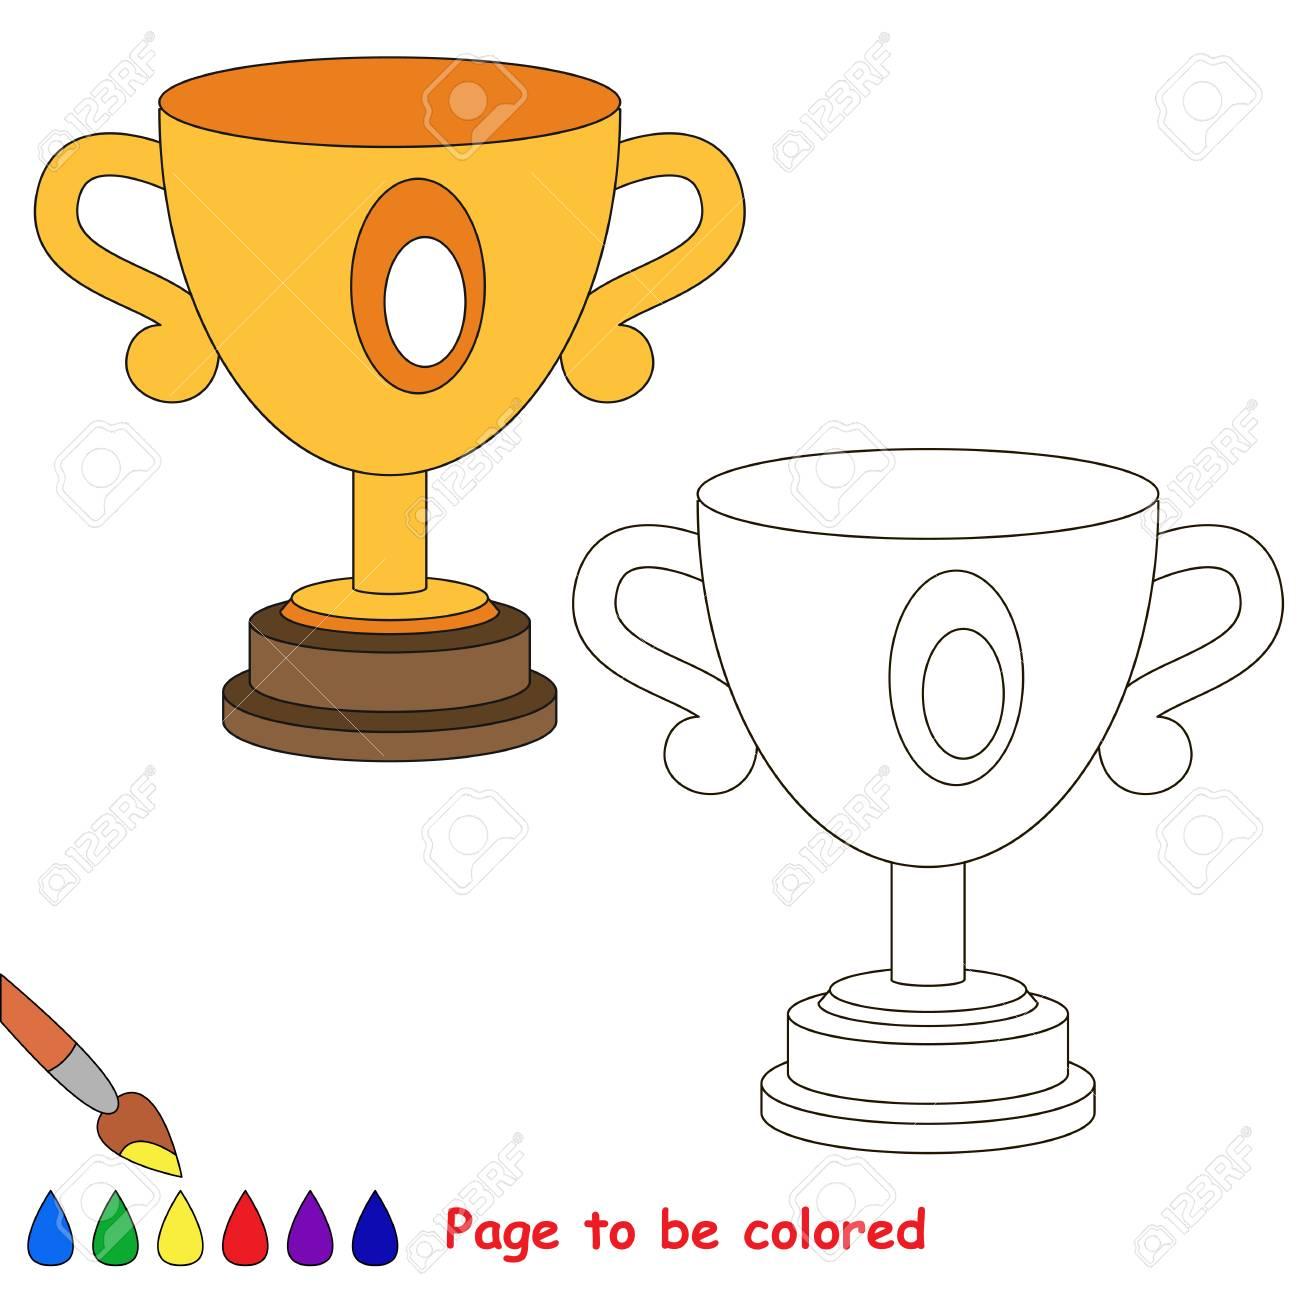 Trofeo De La Copa Para Colorear El Libro Para Colorear Para Educar A Los Niños En Edad Preescolar Con Juegos Educativos Fáciles Para Niños Y